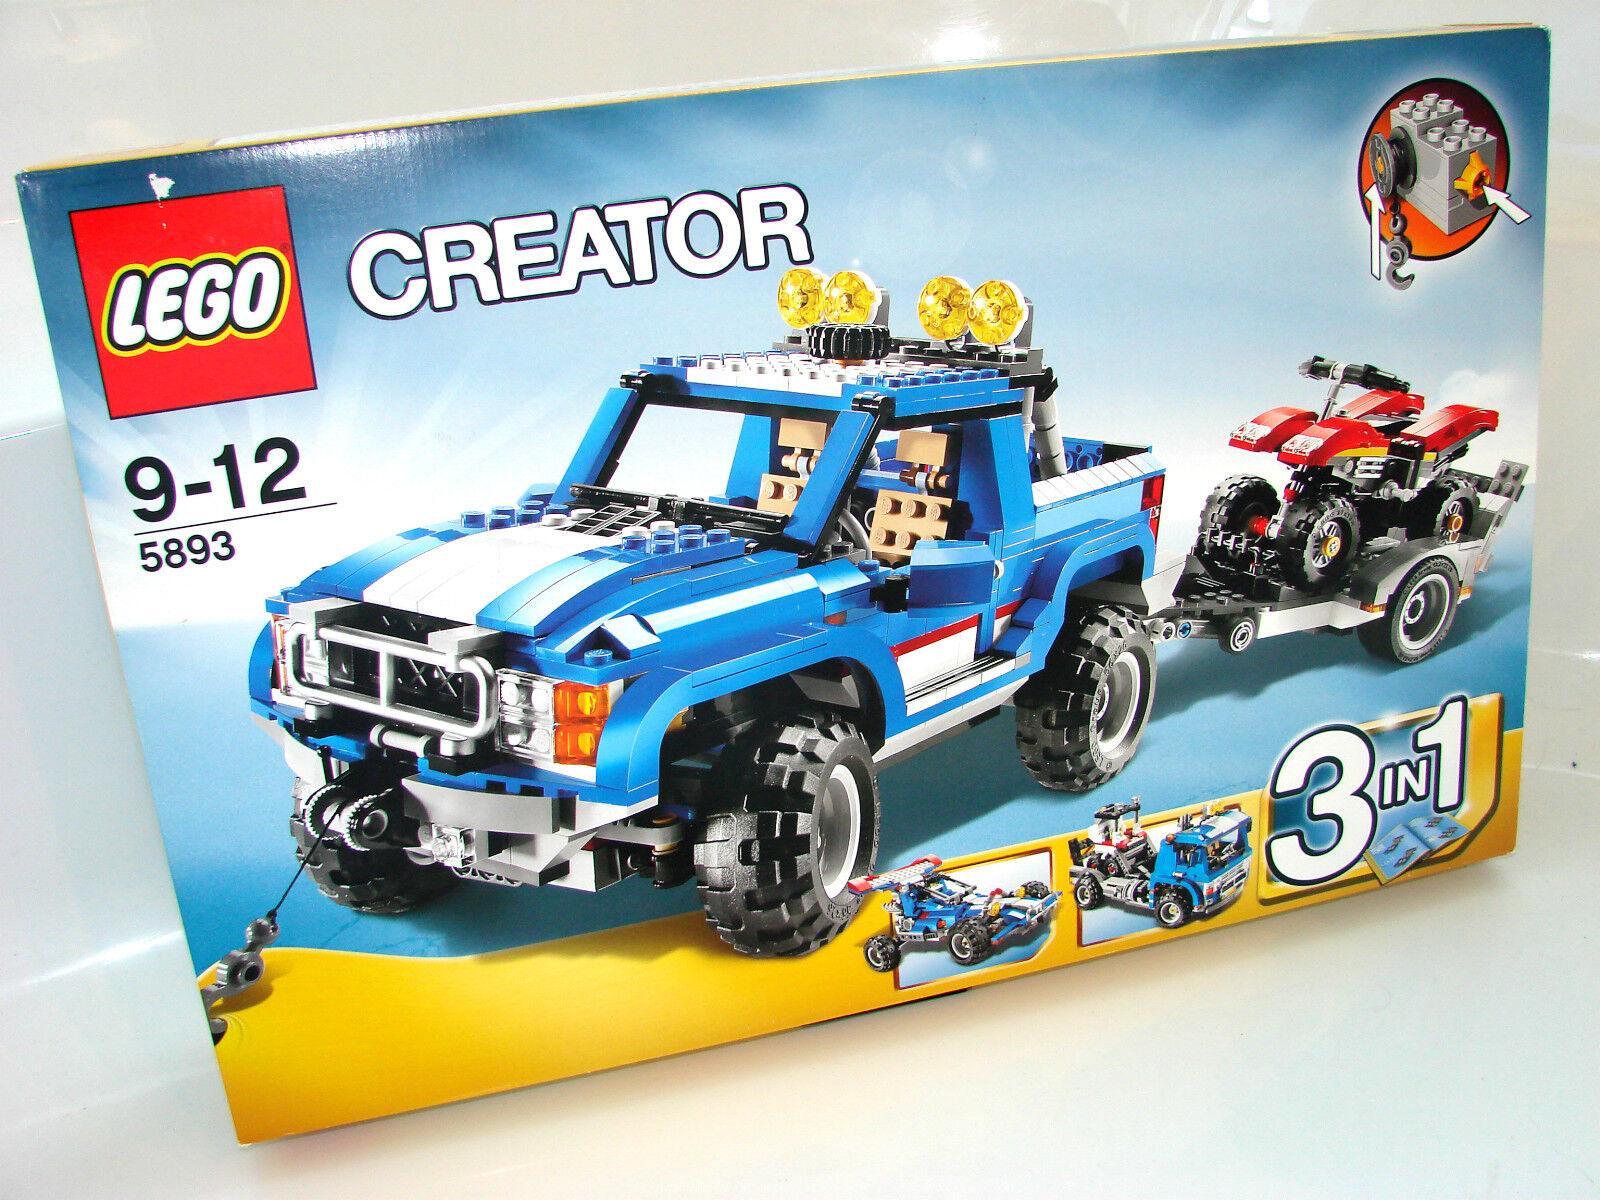 LEGO ® Creator 5893 Véhicule Tout-Terrain Avec Quad Neuf neuf dans sa boîte _ terrain Power NEW En parfait état, dans sa boîte scellée Boîte d'origine jamais ouverte